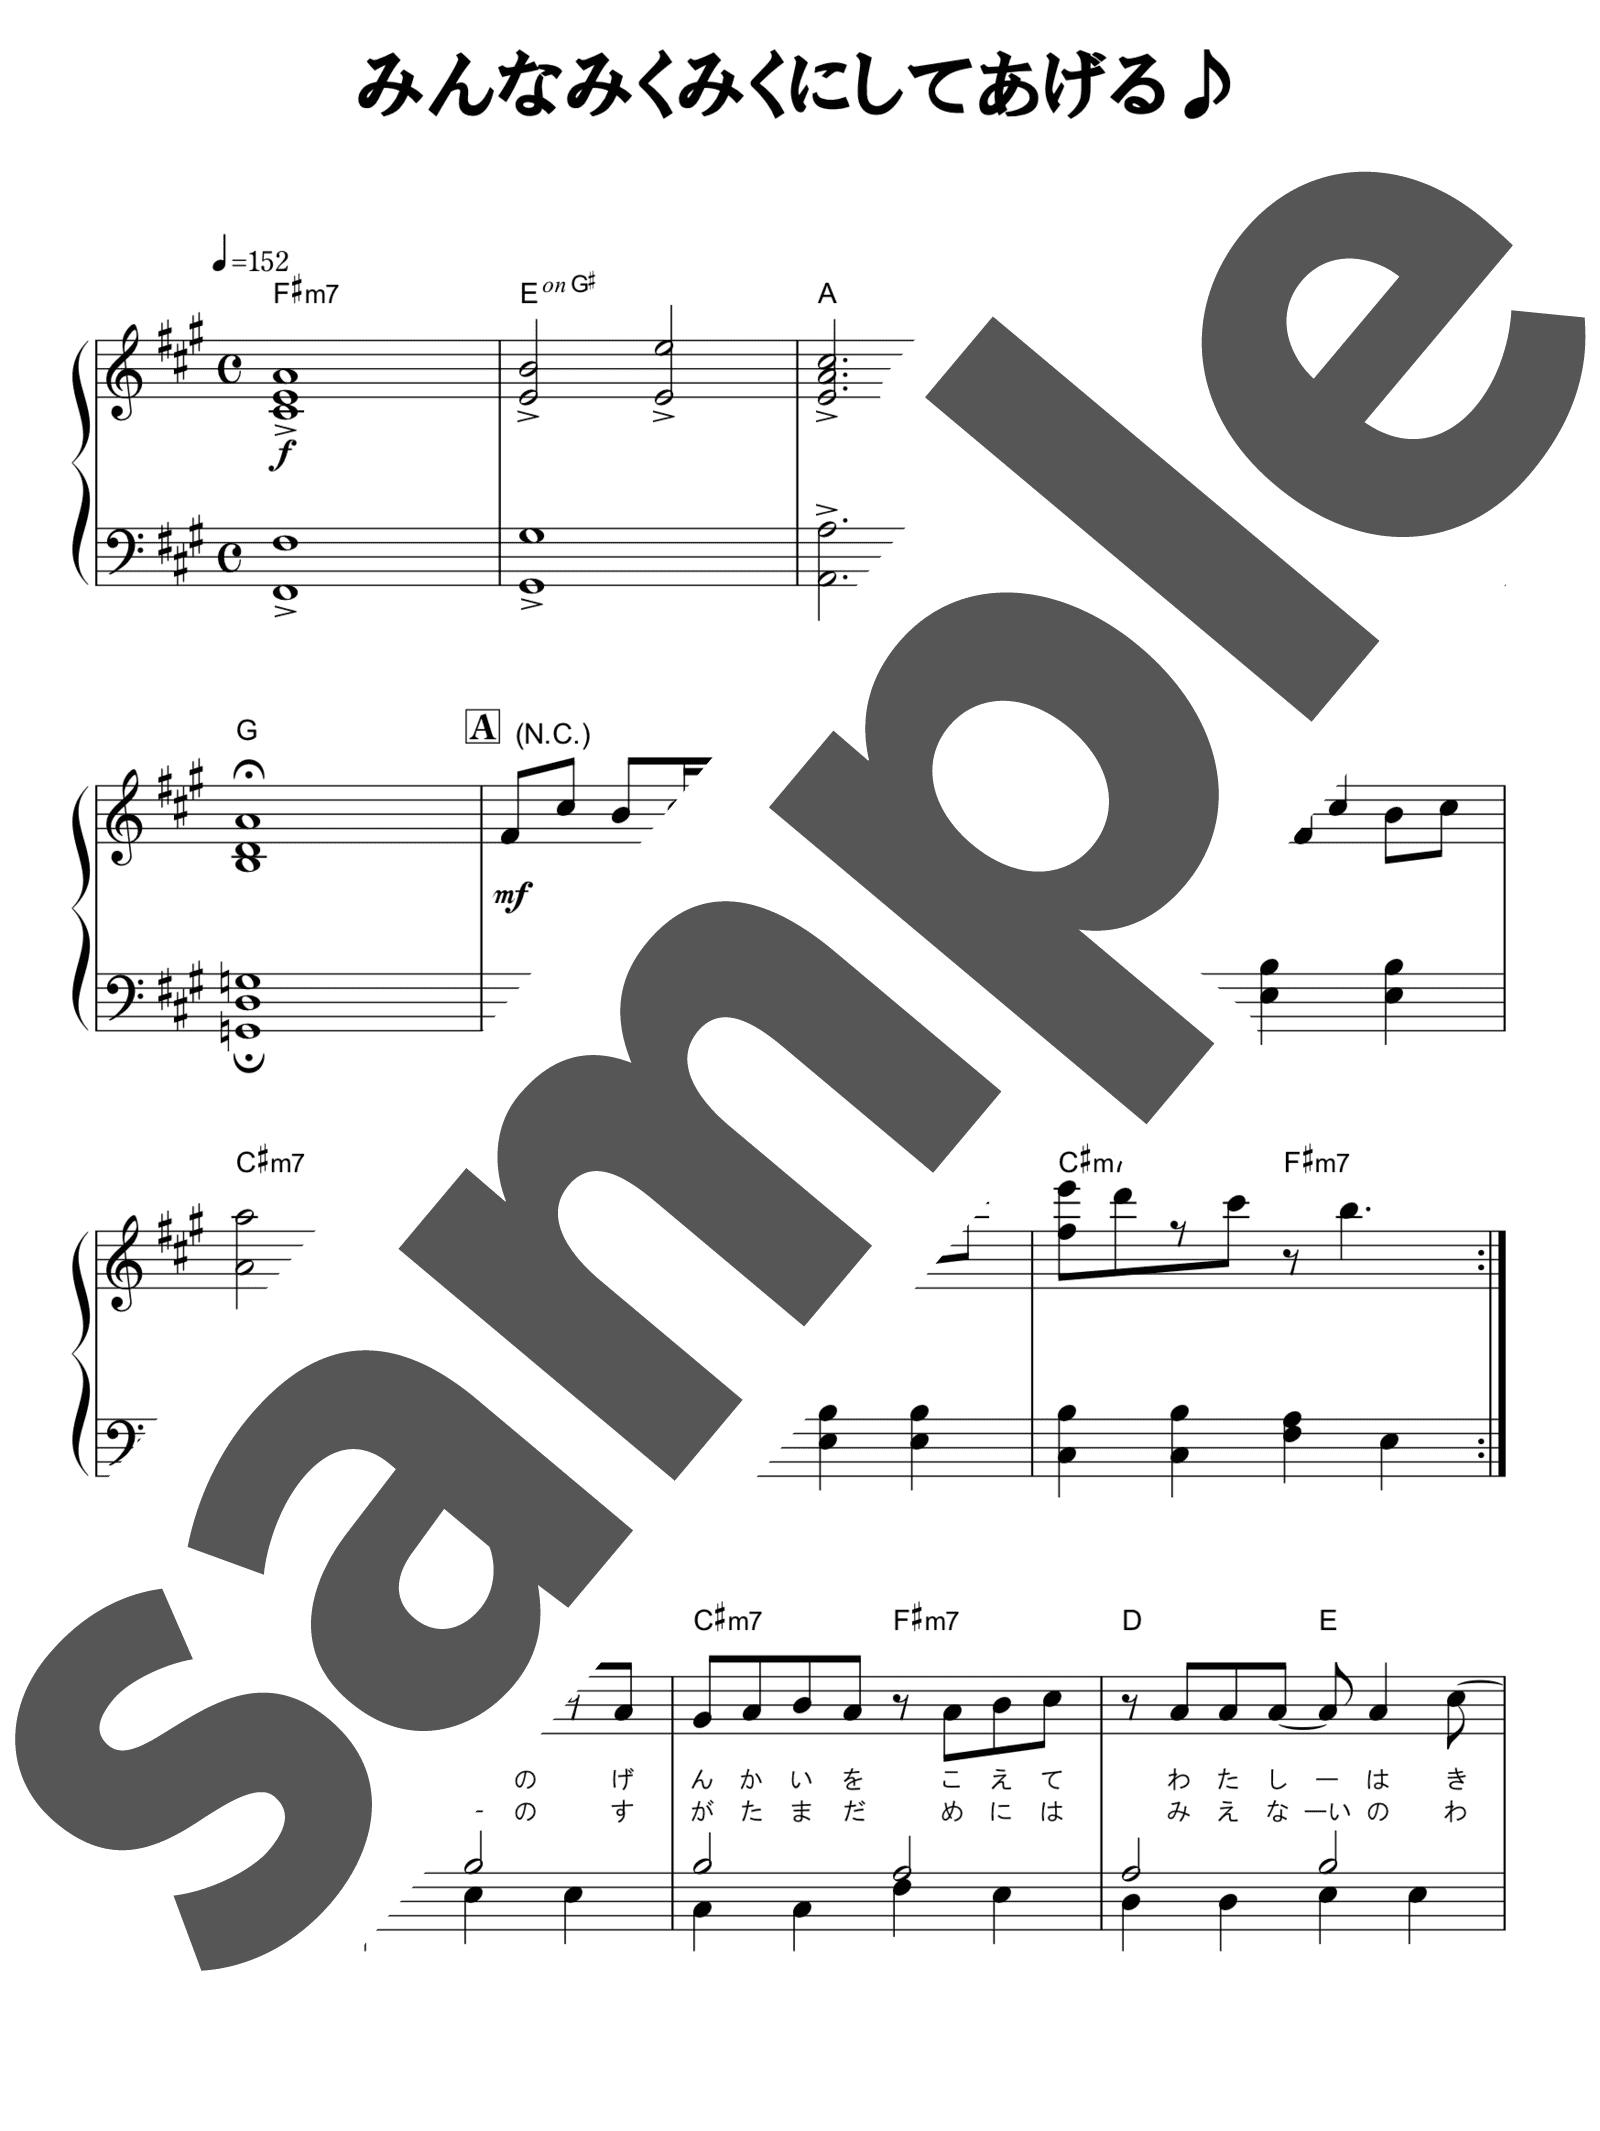 「みんなみくみくにしてあげる♪」のサンプル楽譜